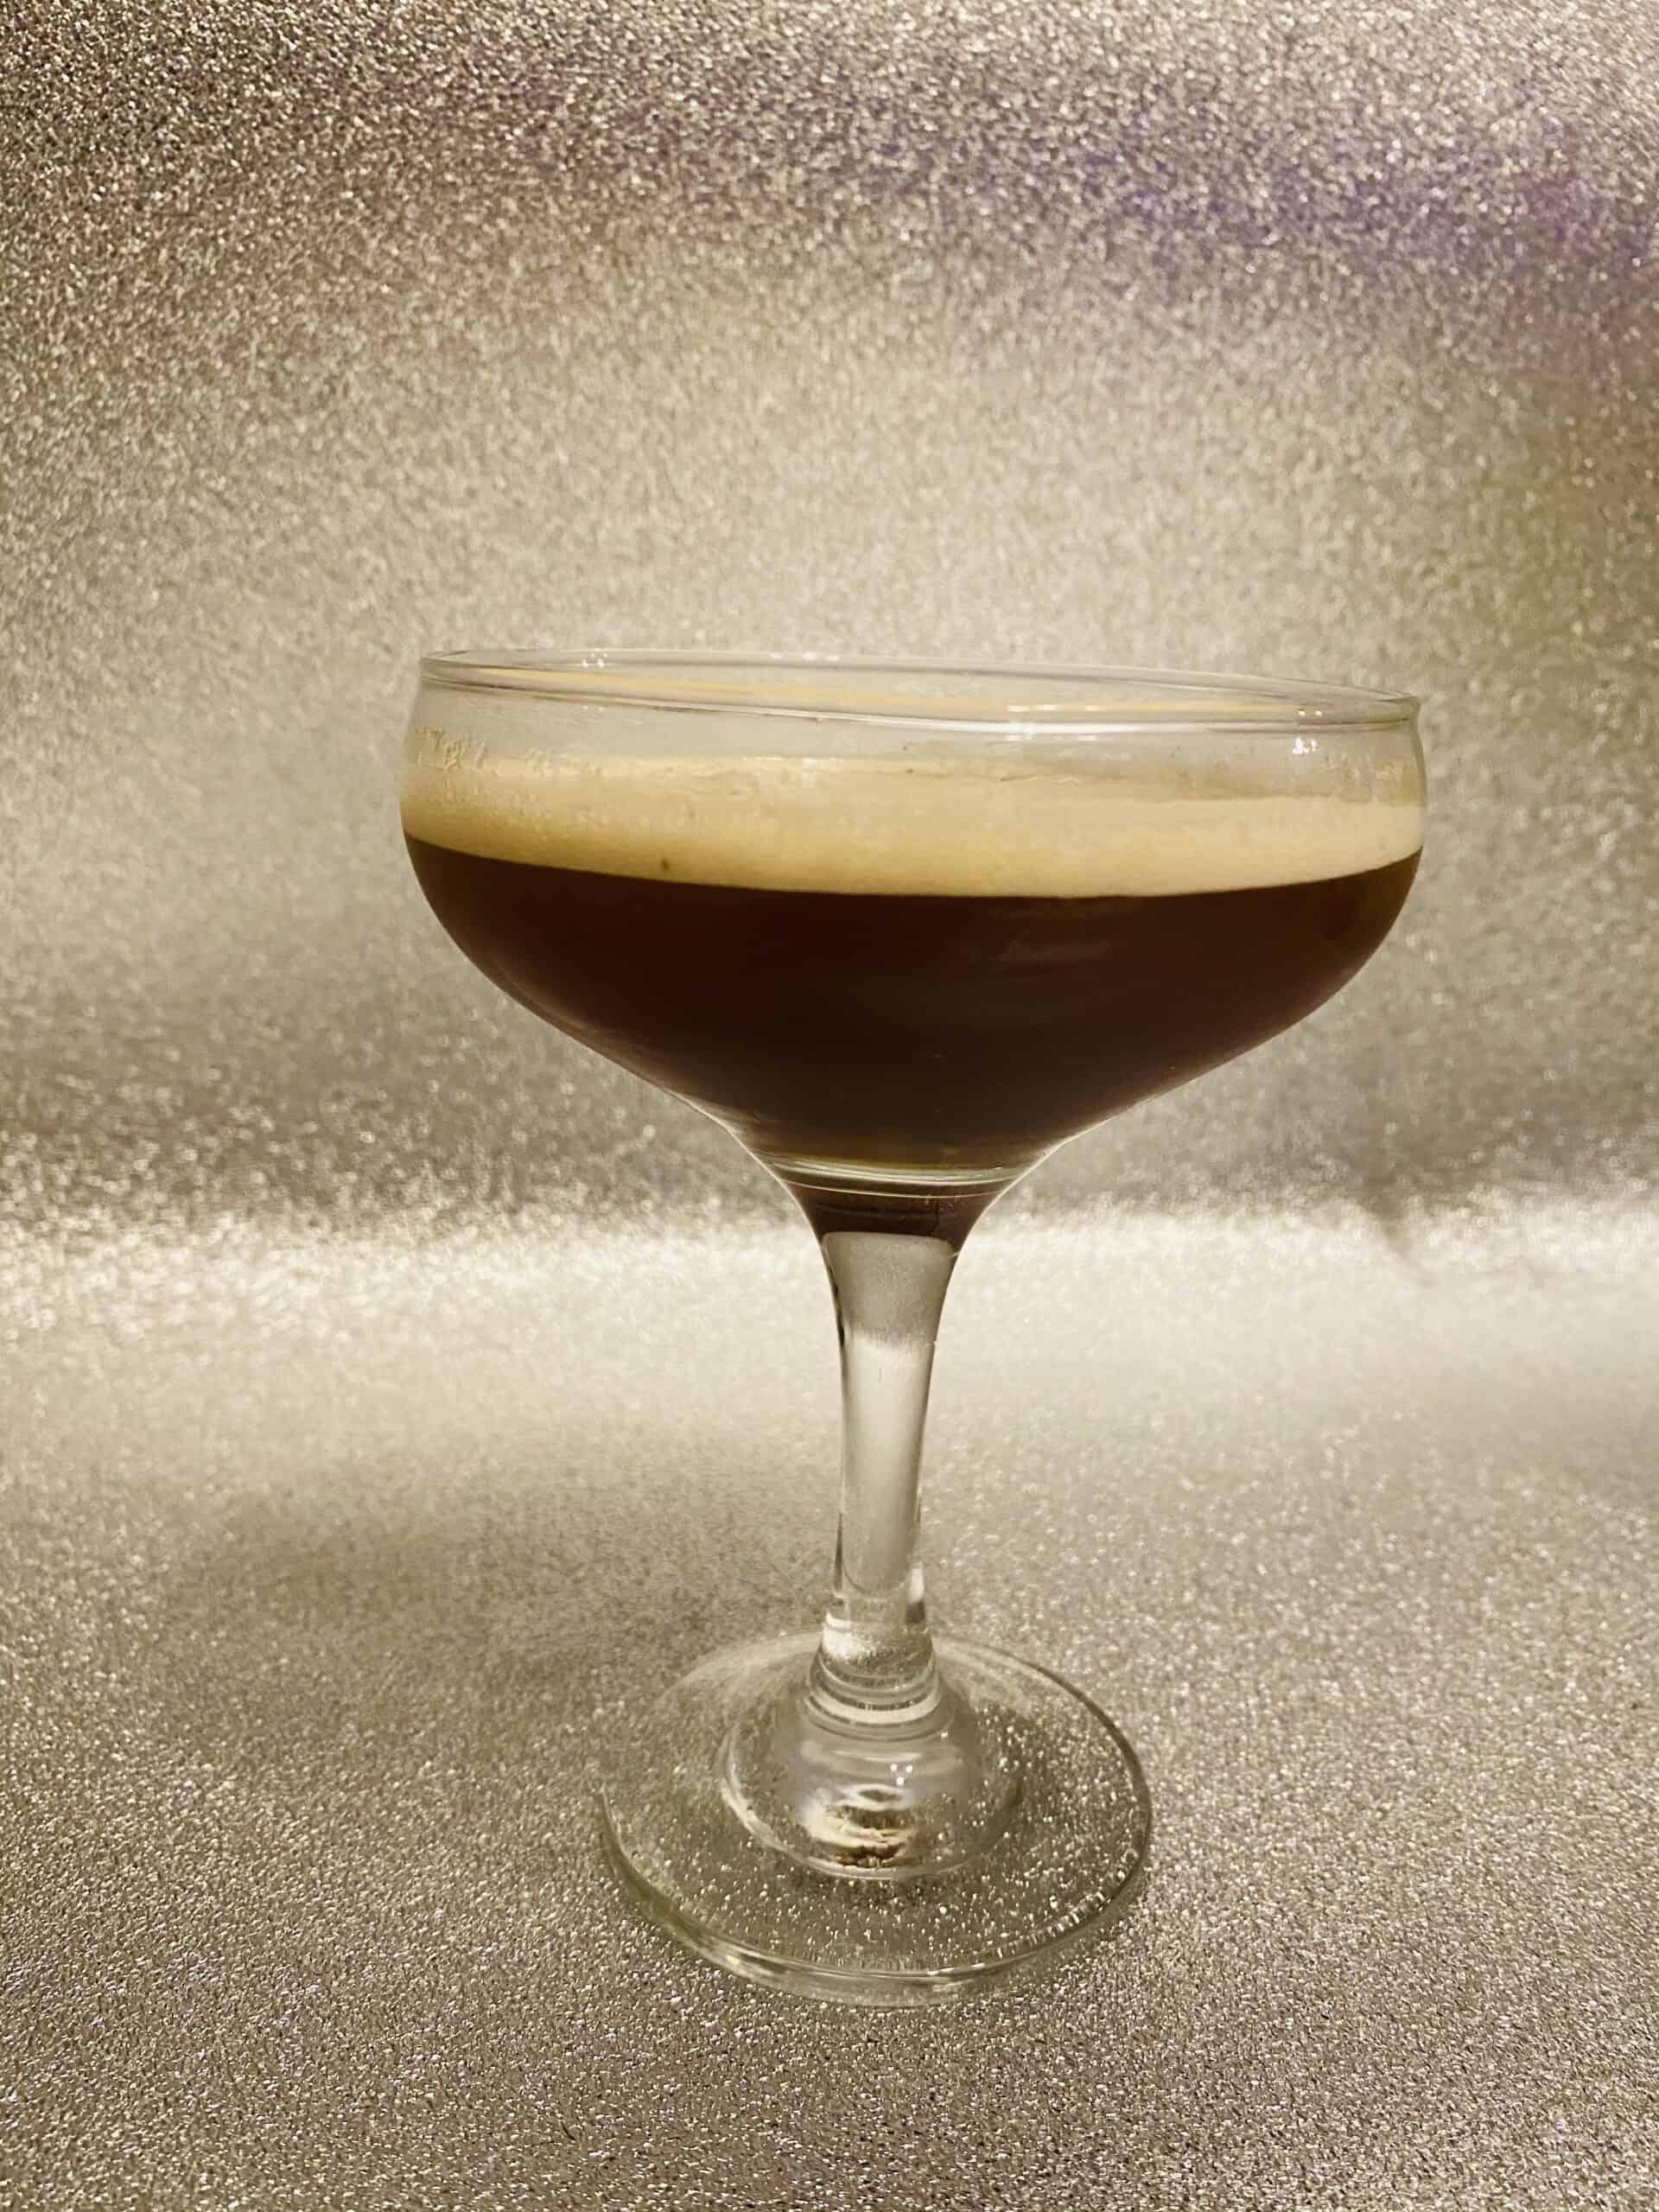 Gingerbread espresso martini